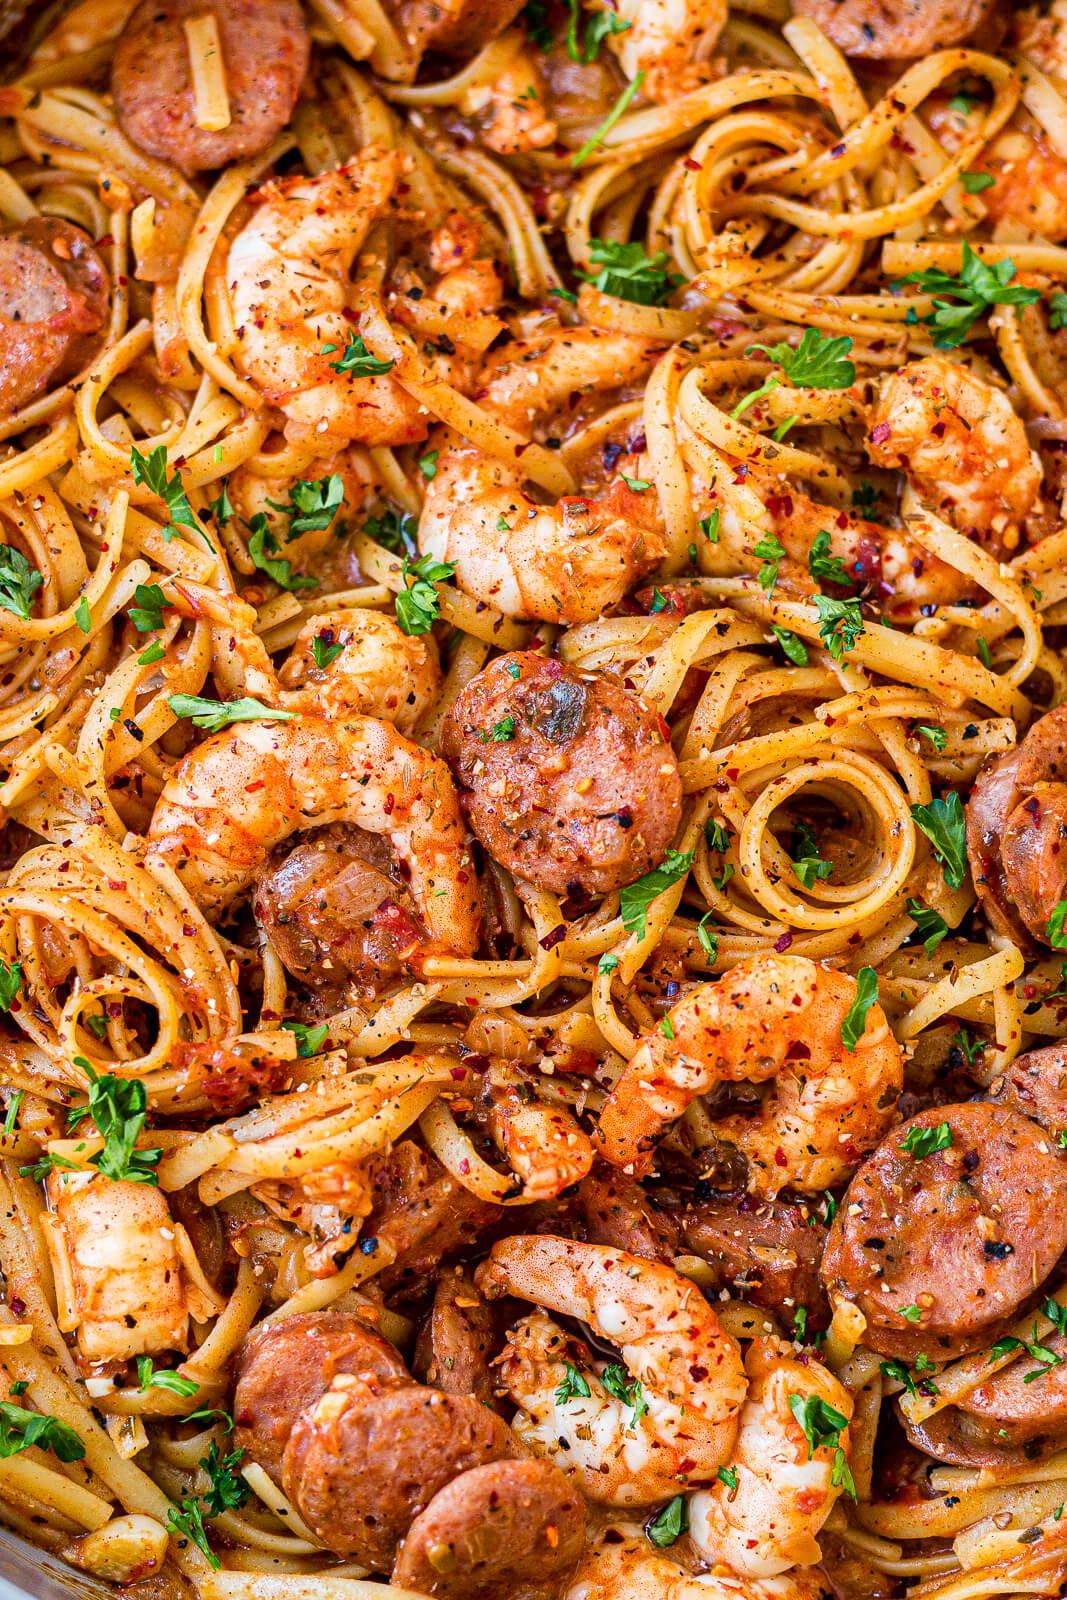 close up of cajun shrimp and sausage pasta with a creamy cajun sauce and fresh parsley